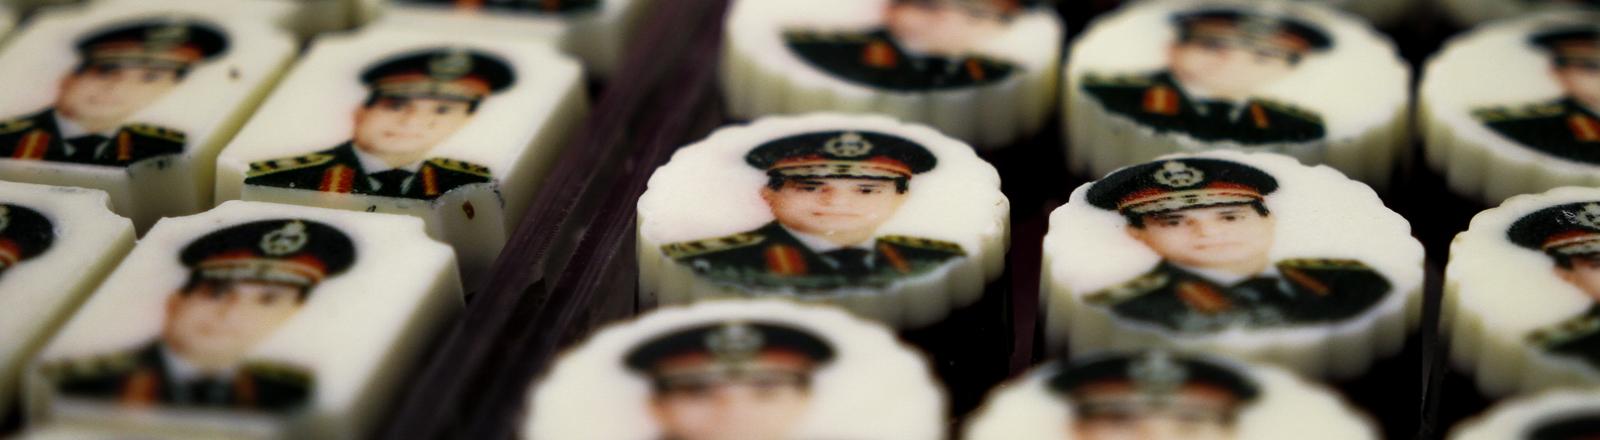 Im vornehmen Stadtteil Kairos, Garden City, werden am 18.12.2013 in einer Konditorei Pralinen mit dem Konterfei des Oberbefehlshaber Ägyptens, Abdel Fattah al-Sisi, verkauft.